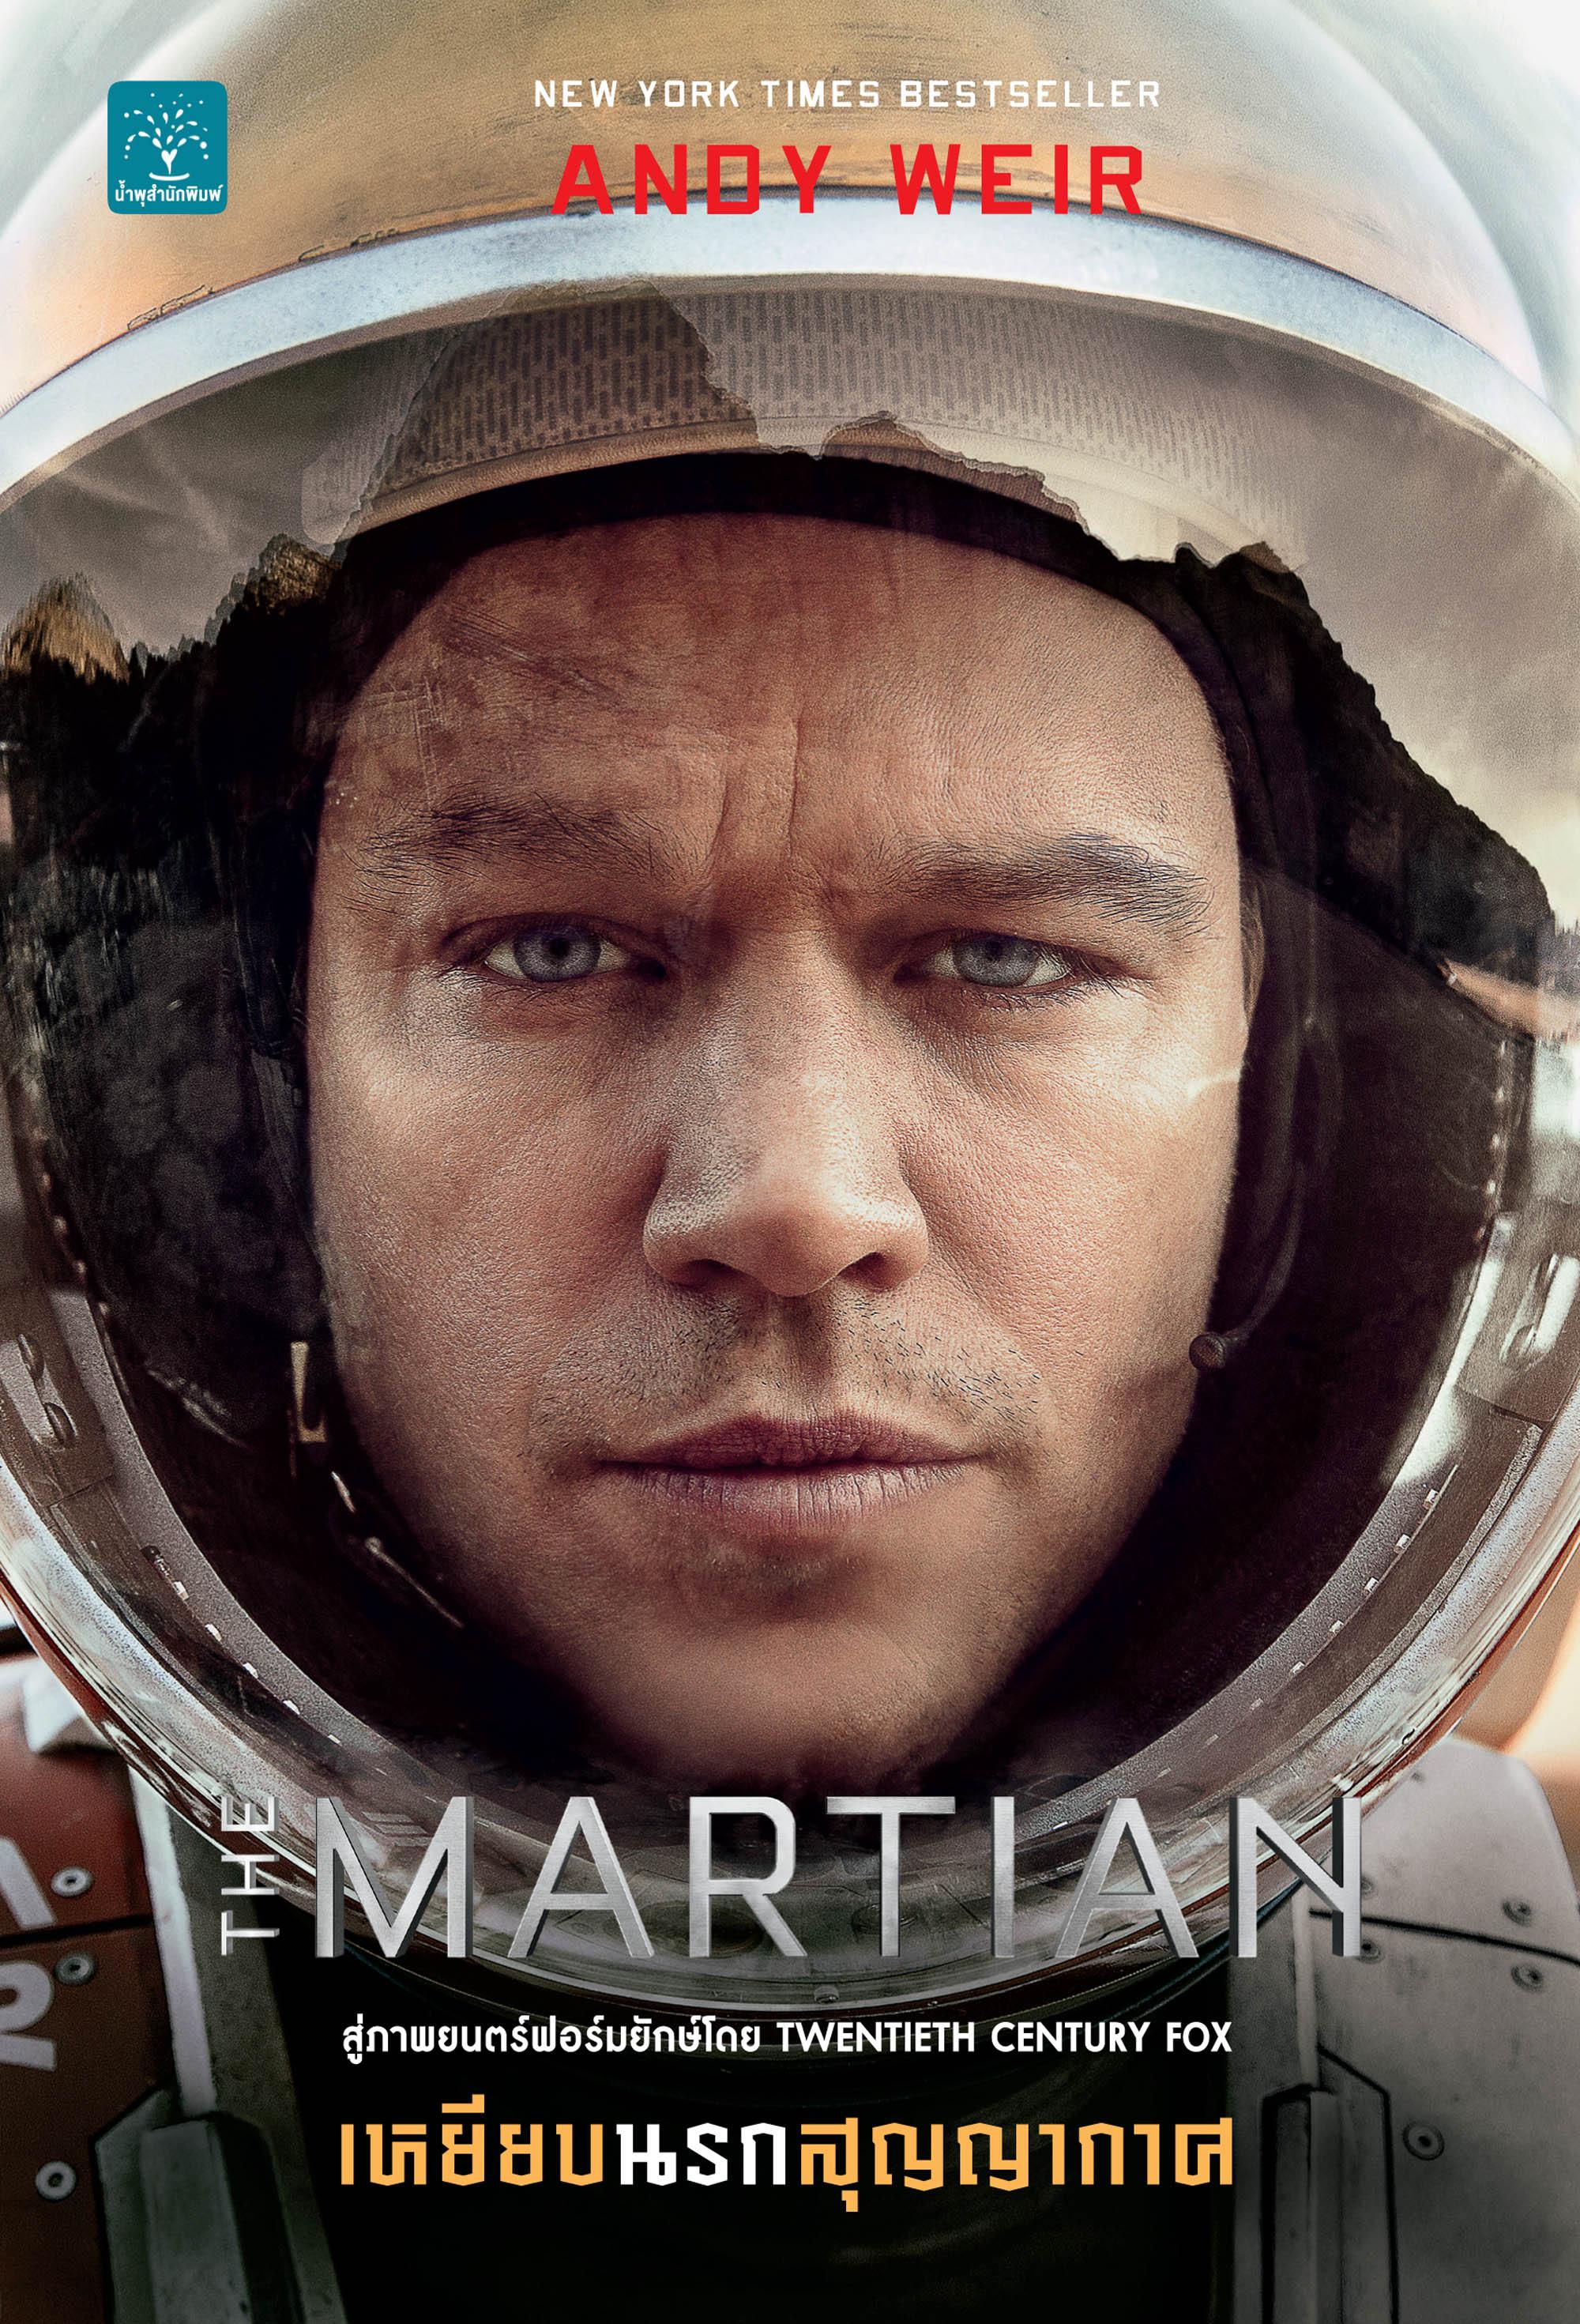 เหยียบนรกสุญญากาศ  (ปกภาพยนตร์)     (The Martian)